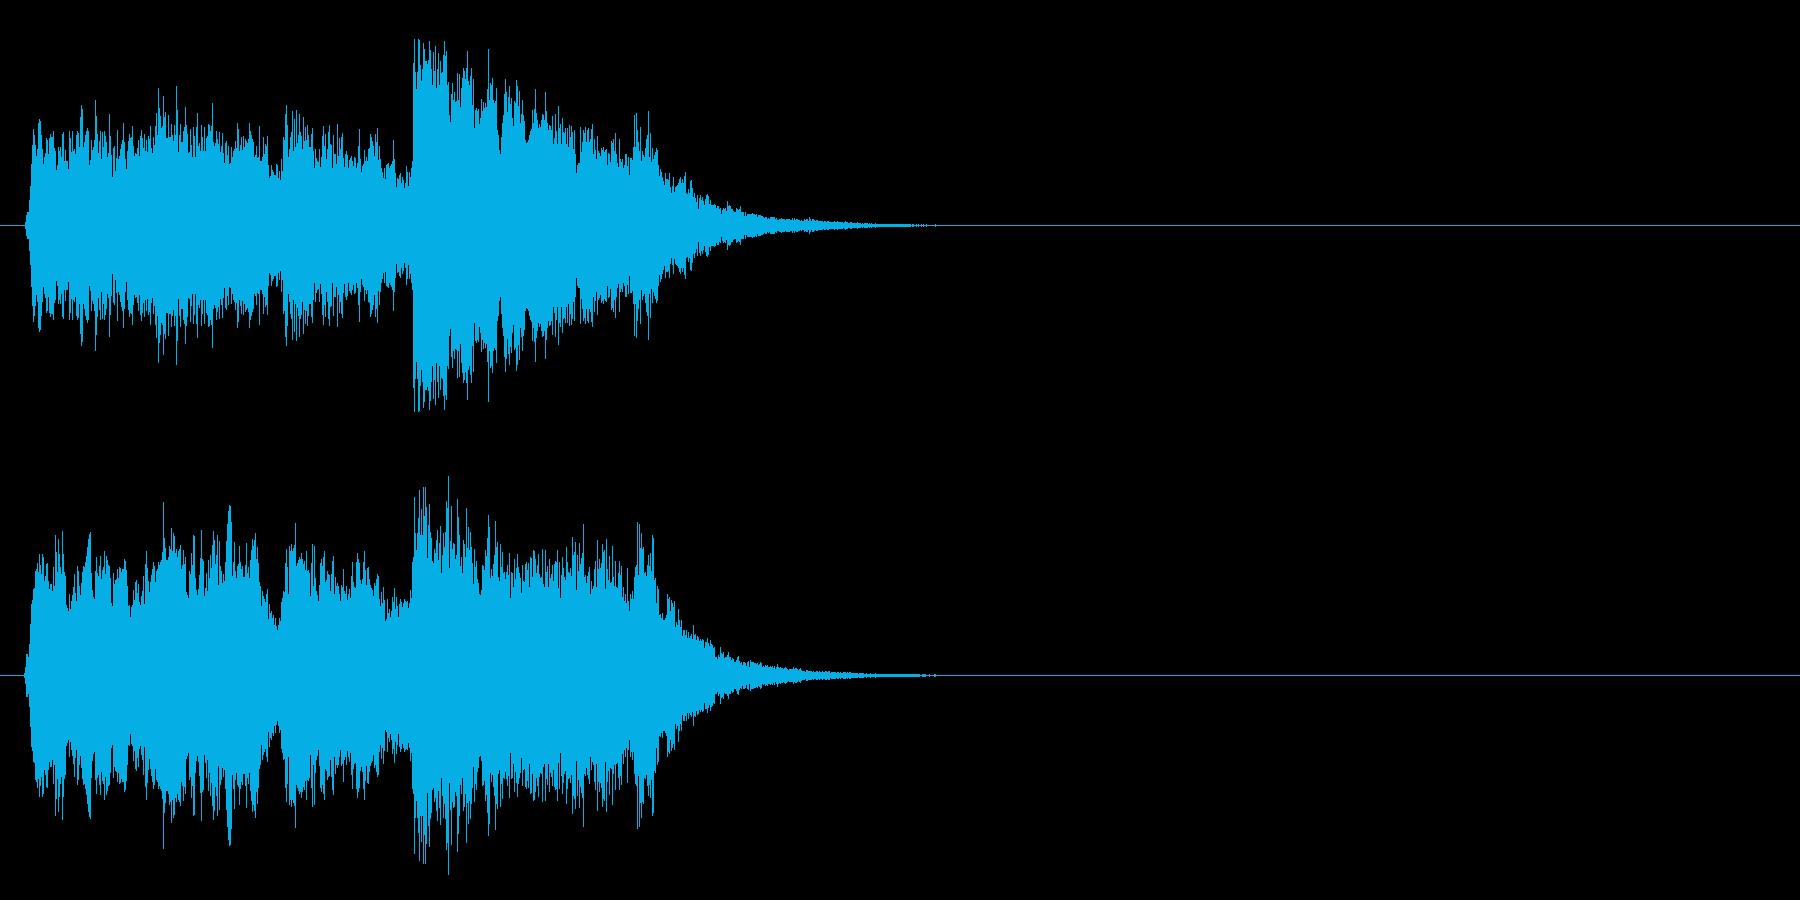 ジングル/アタック(聡明なチャイム風)の再生済みの波形